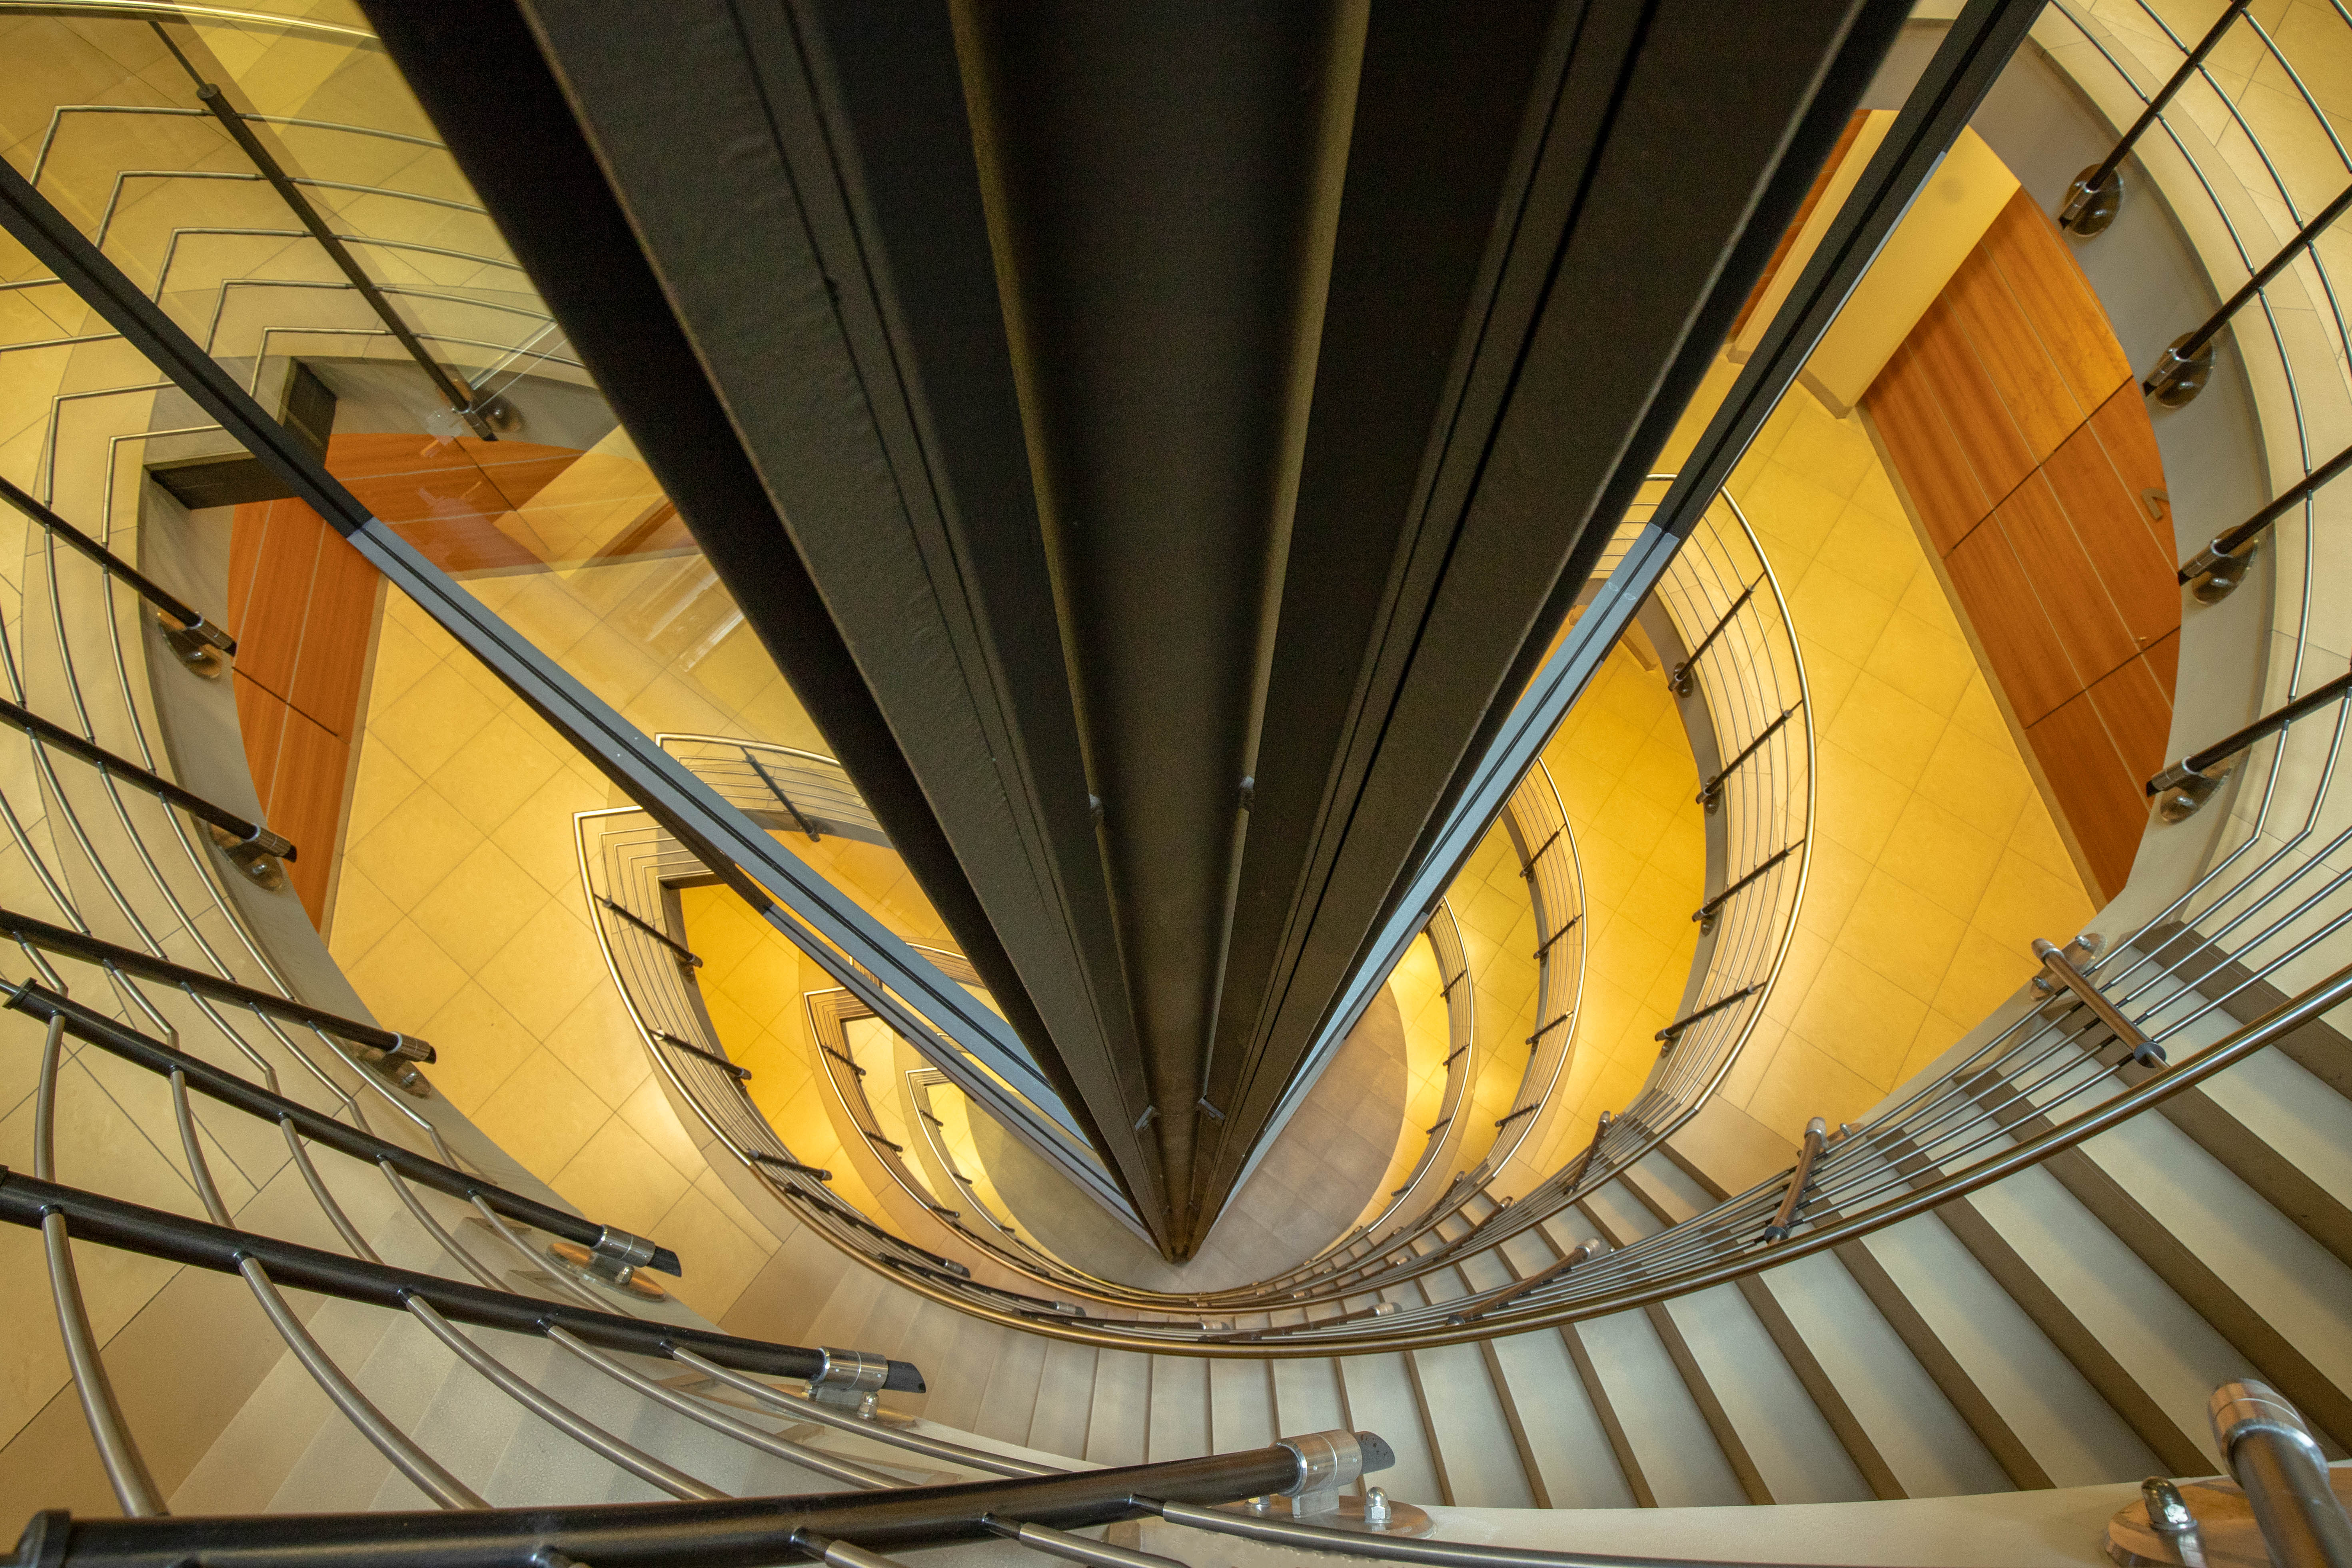 Treppenhaus am Fahrstuhl vorbei